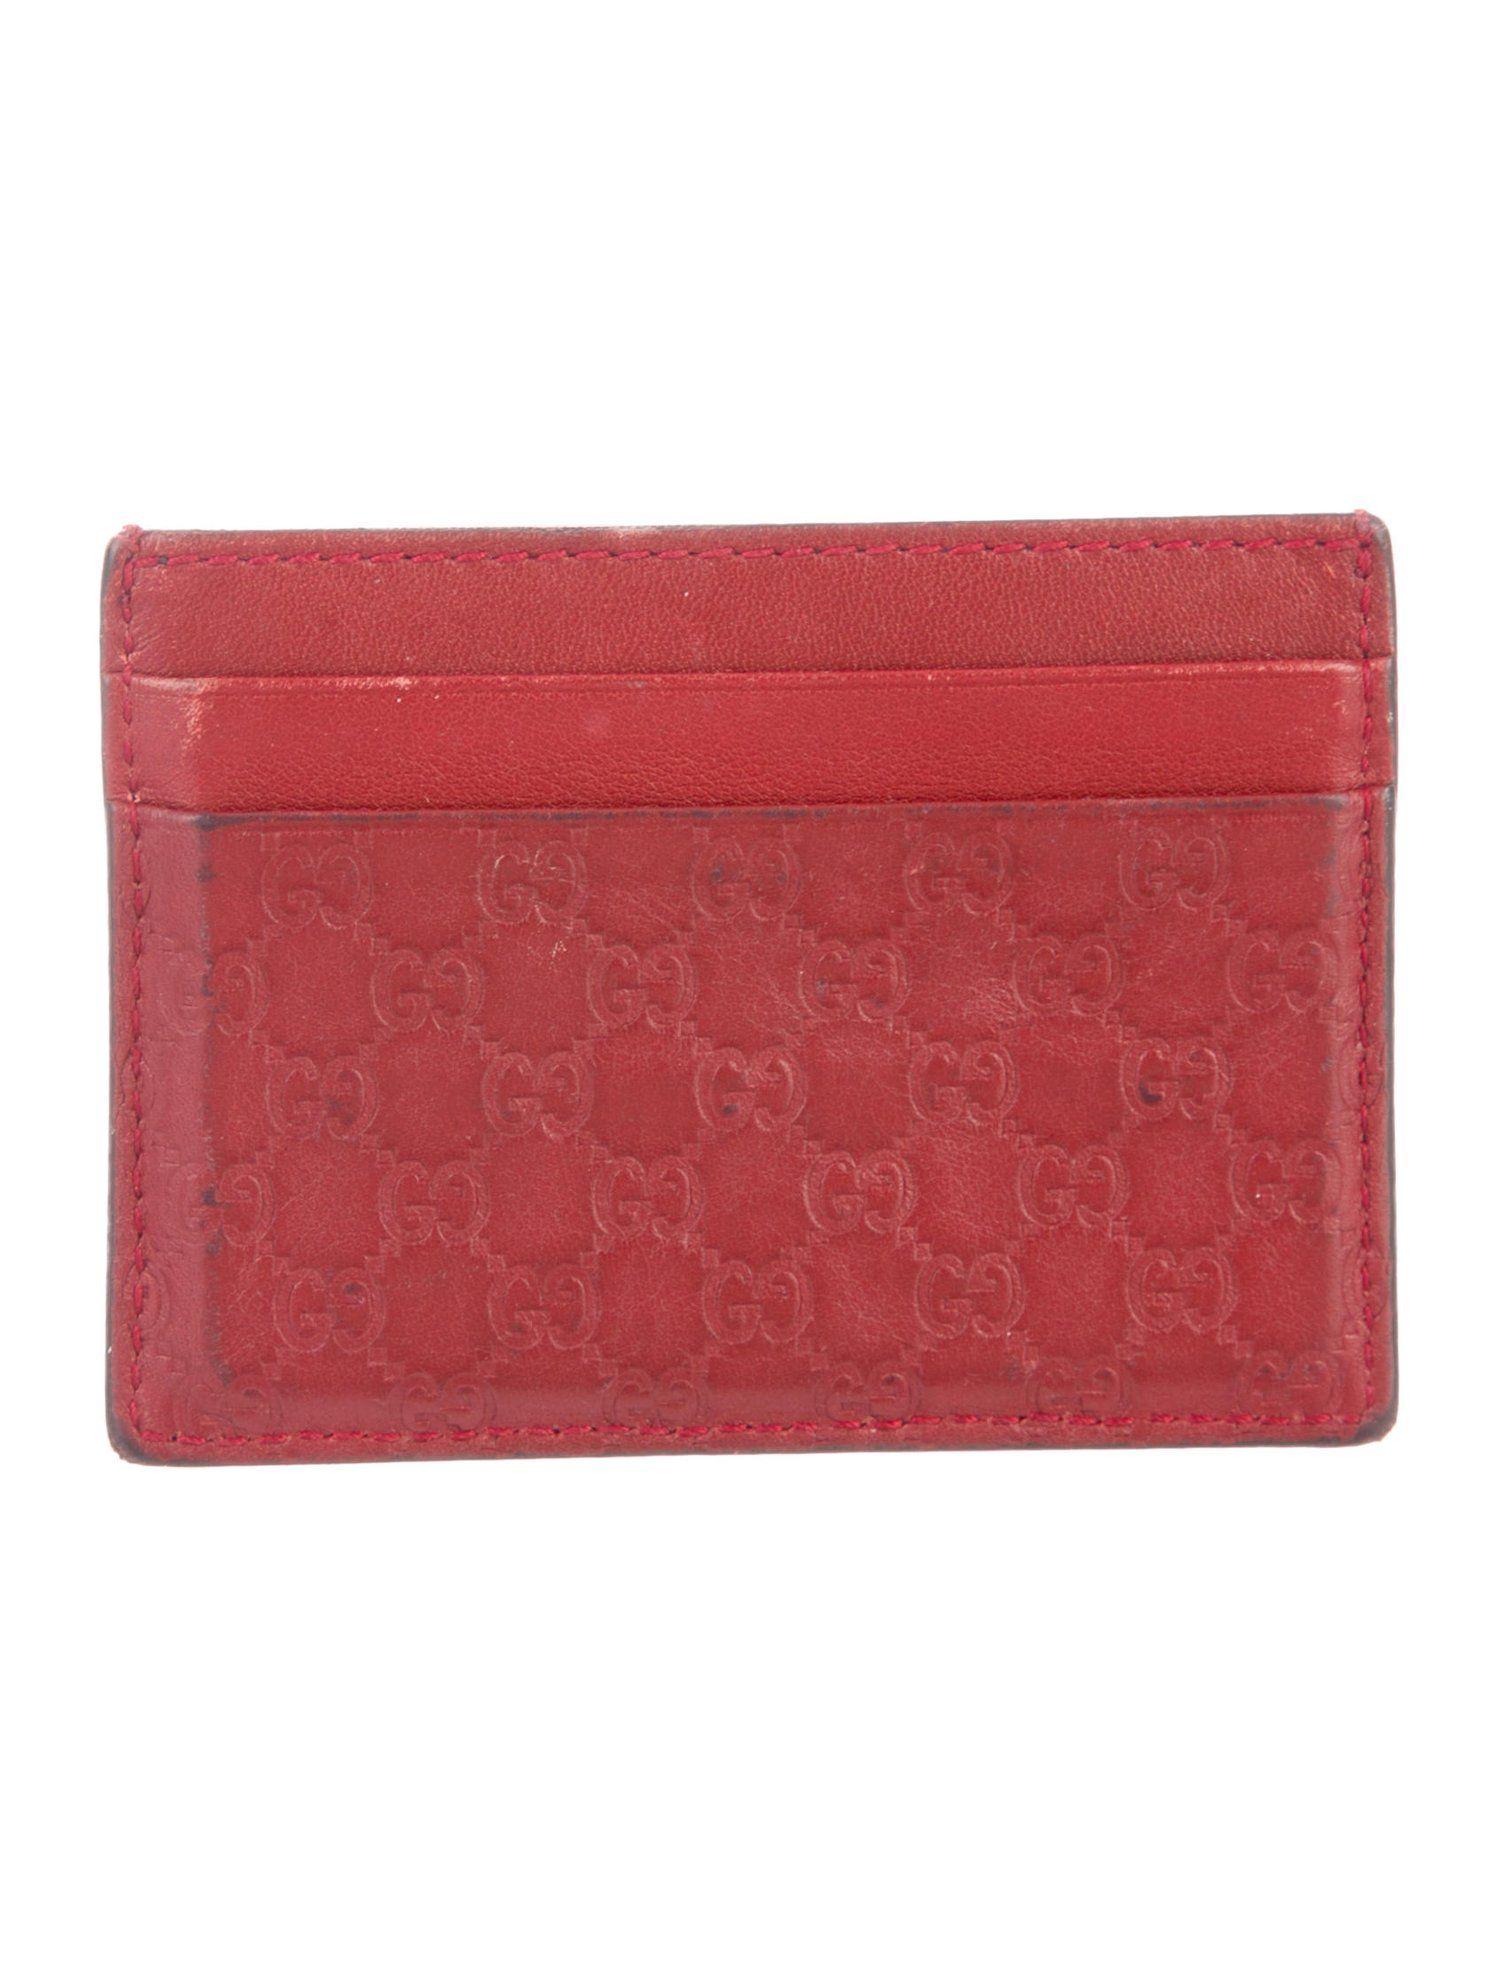 Gucci guccissima card holder guccissima gucci holder